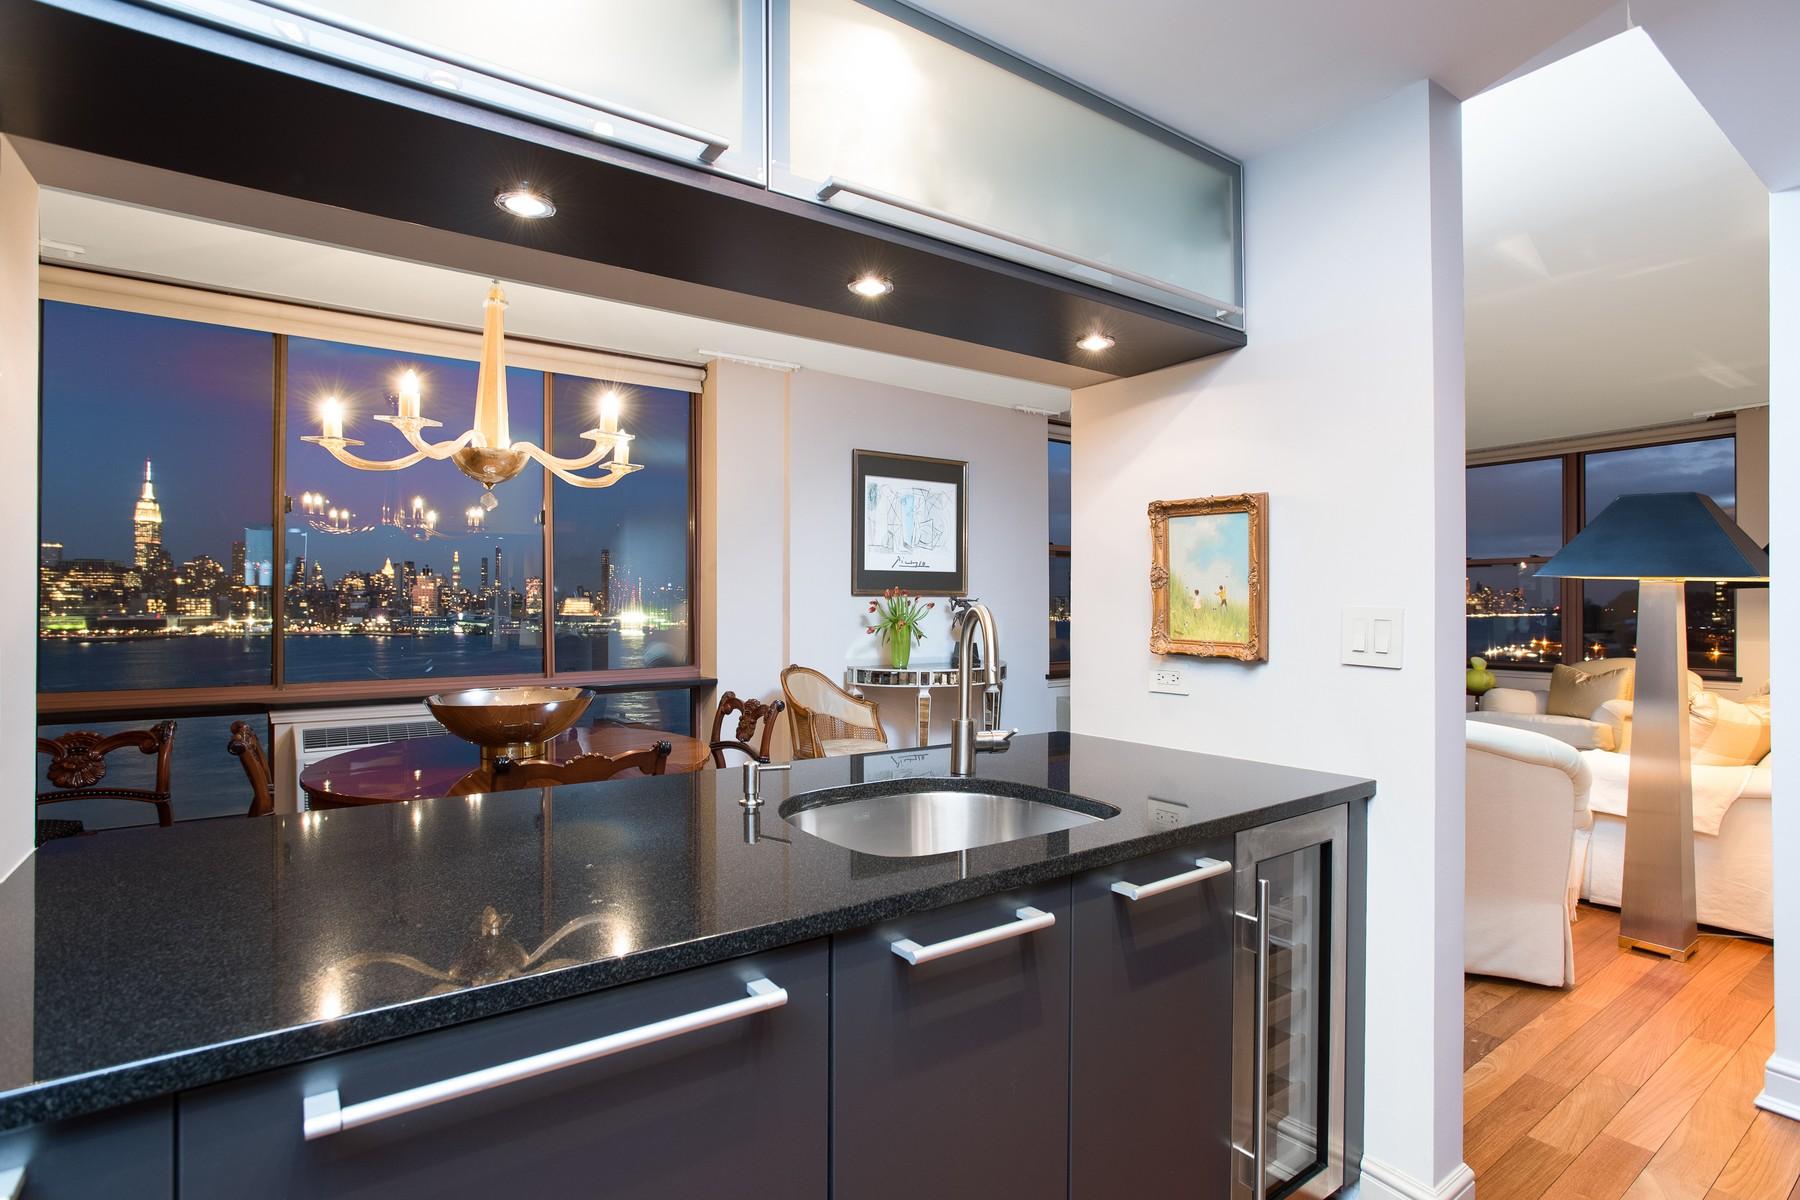 Condomínio para Venda às Majestic NYC Views 2 Constitution Ct #1104, Hoboken, Nova Jersey 07030 Estados Unidos